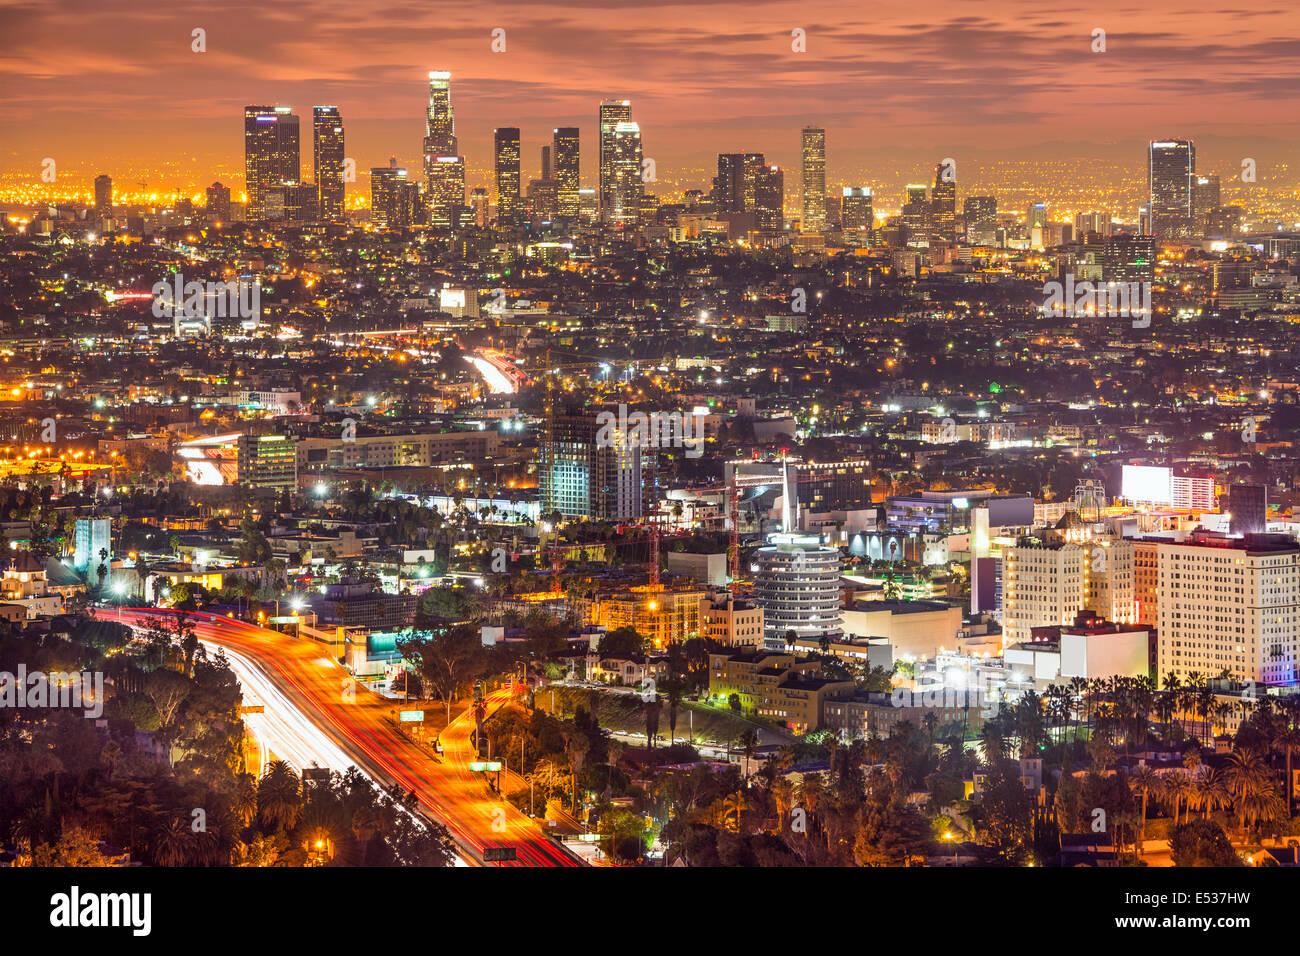 Los Angeles, California, Stati Uniti d'America skyline del centro di notte. Immagini Stock